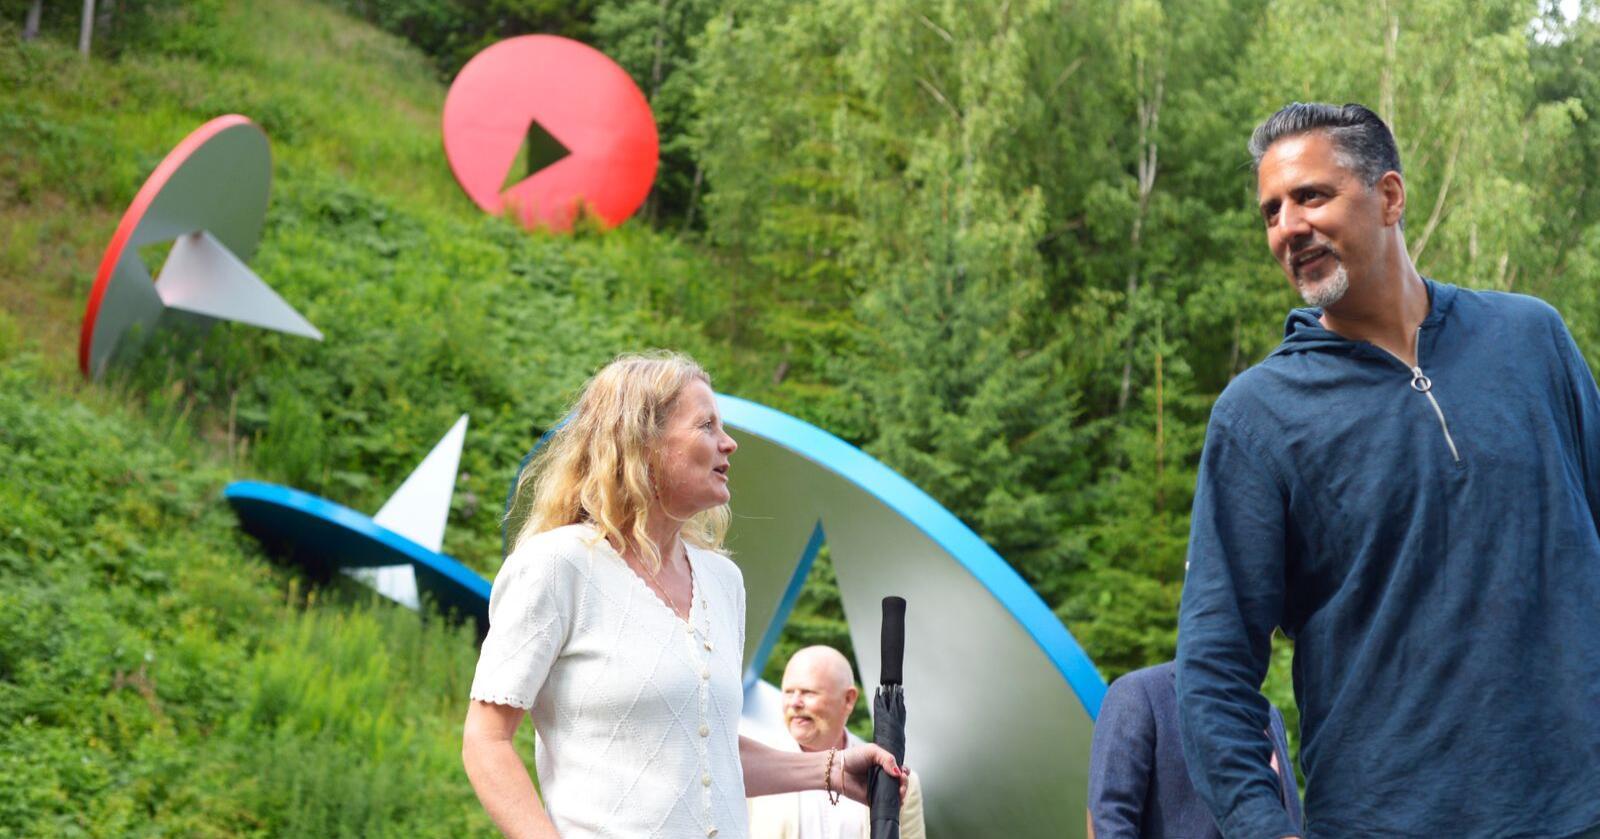 Kulturminister Abid Raja (t.h.) anbefaler nordmenn å oppdage norske museer og kulturinstitusjoner i sommer. Her er han med direktøren for Kulturdestinasjonen Kistefoss på Jevnaker, Birgitte Espeland. Foto: Annika Byrde / NTB scanpix